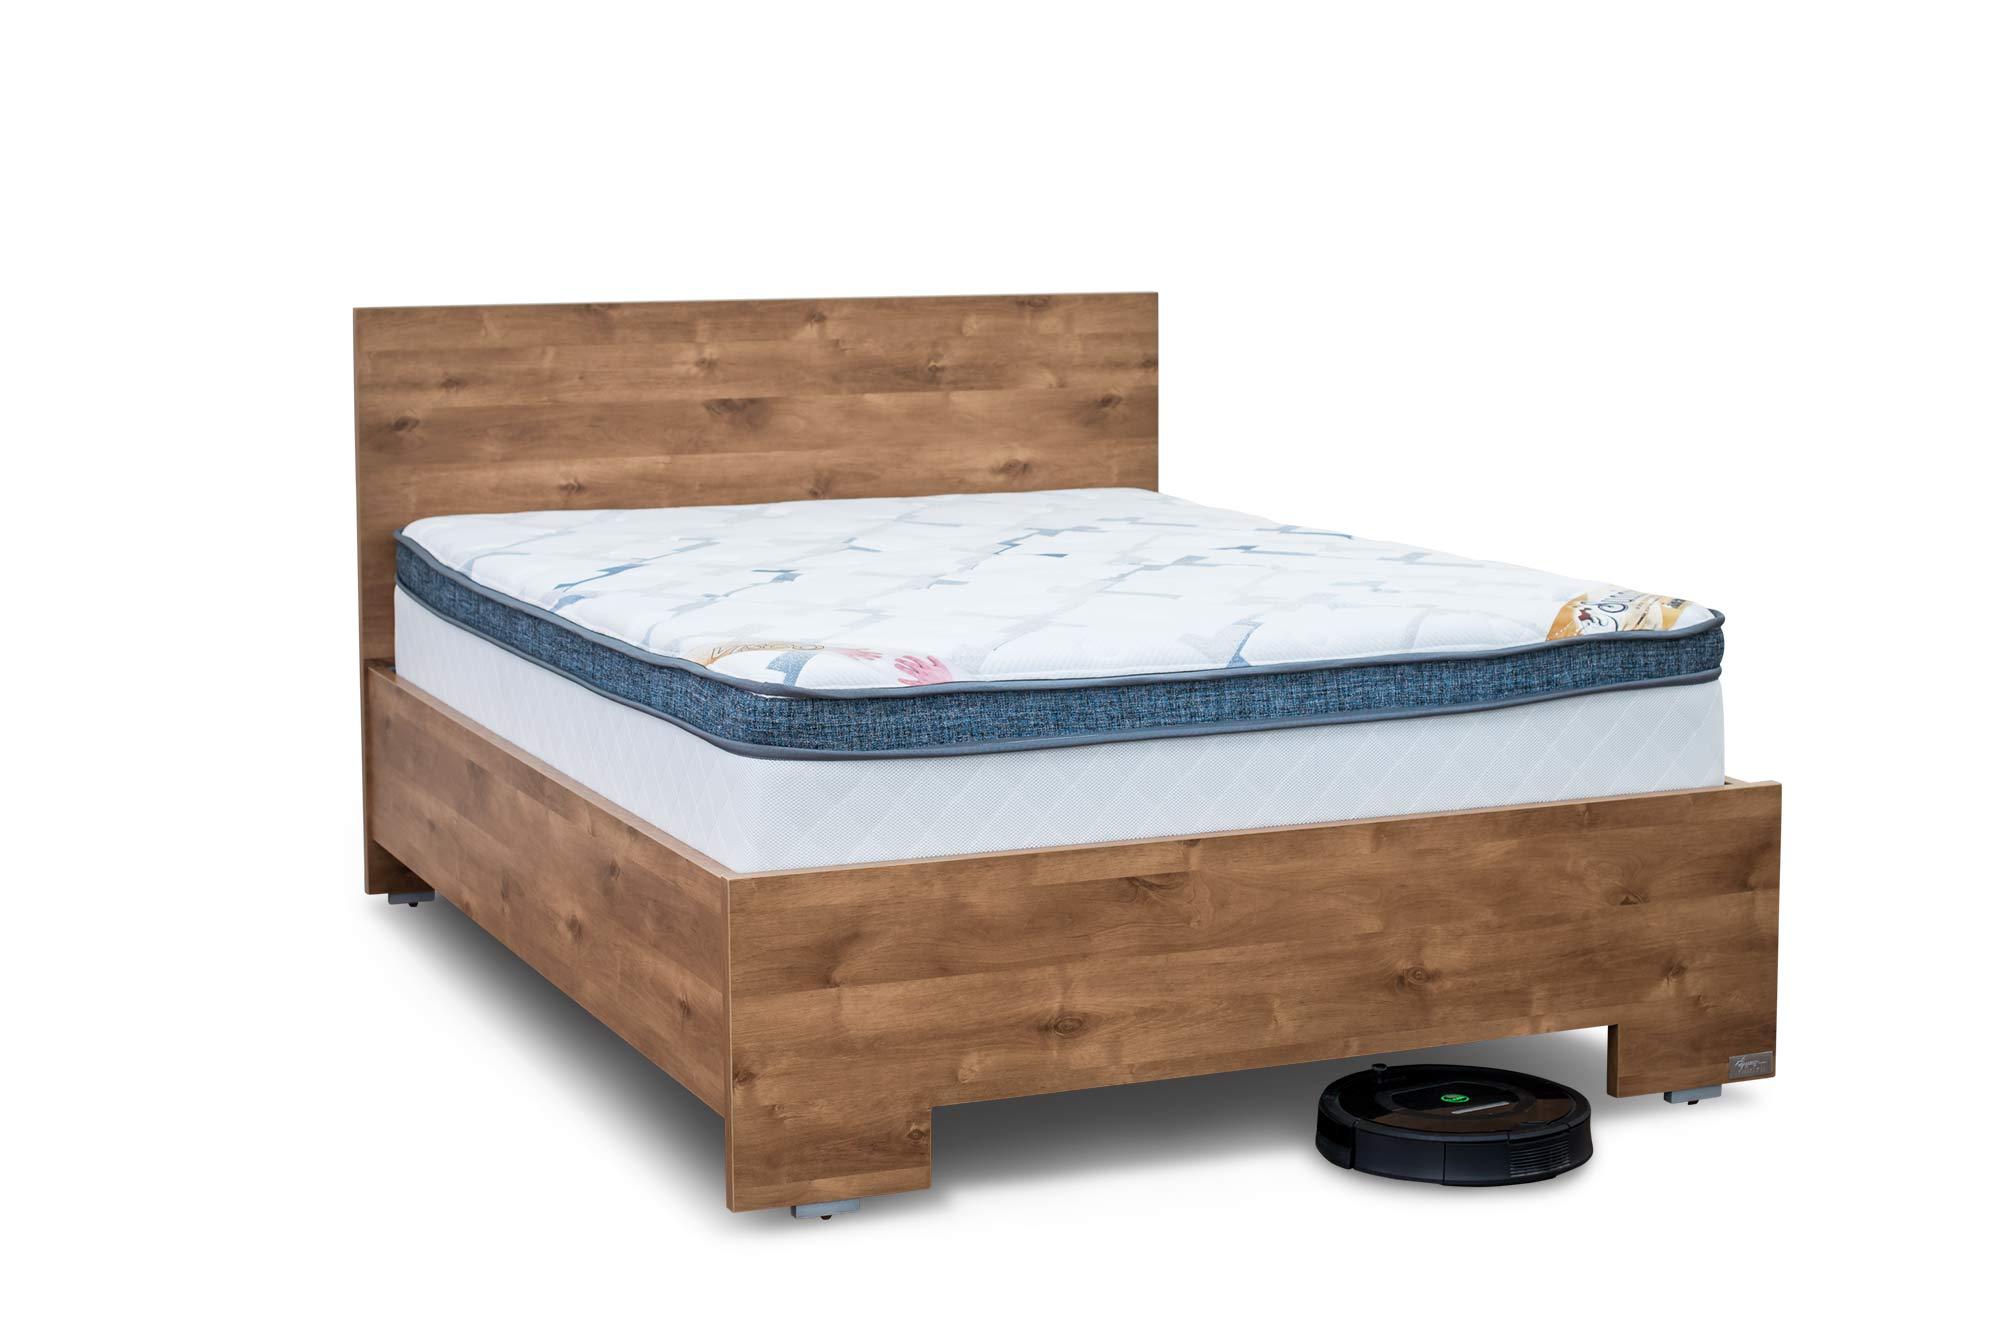 מיטה עם ארגז מוגבה לנקיון - ארגז הפלא